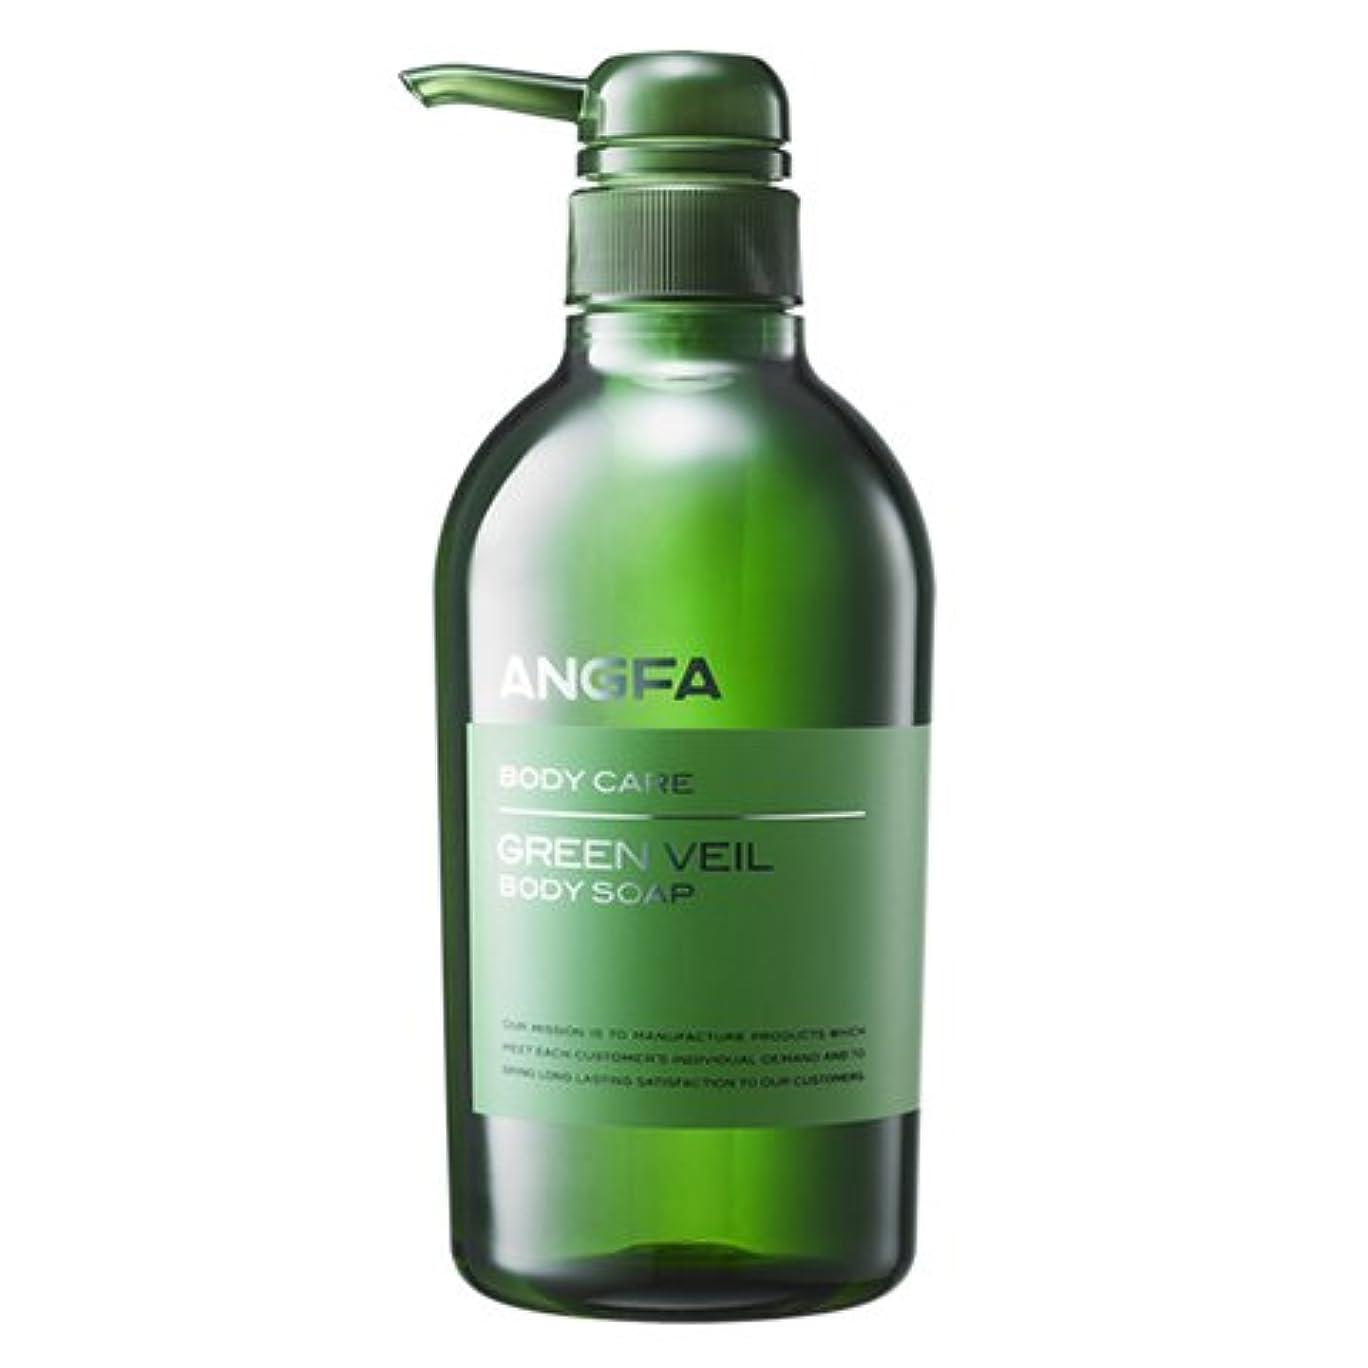 狂乱動的数字アンファー (ANGFA) グリーンベール 薬用ボディソープ 500ml グリーンフローラル [乾燥?保湿] かゆみ肌